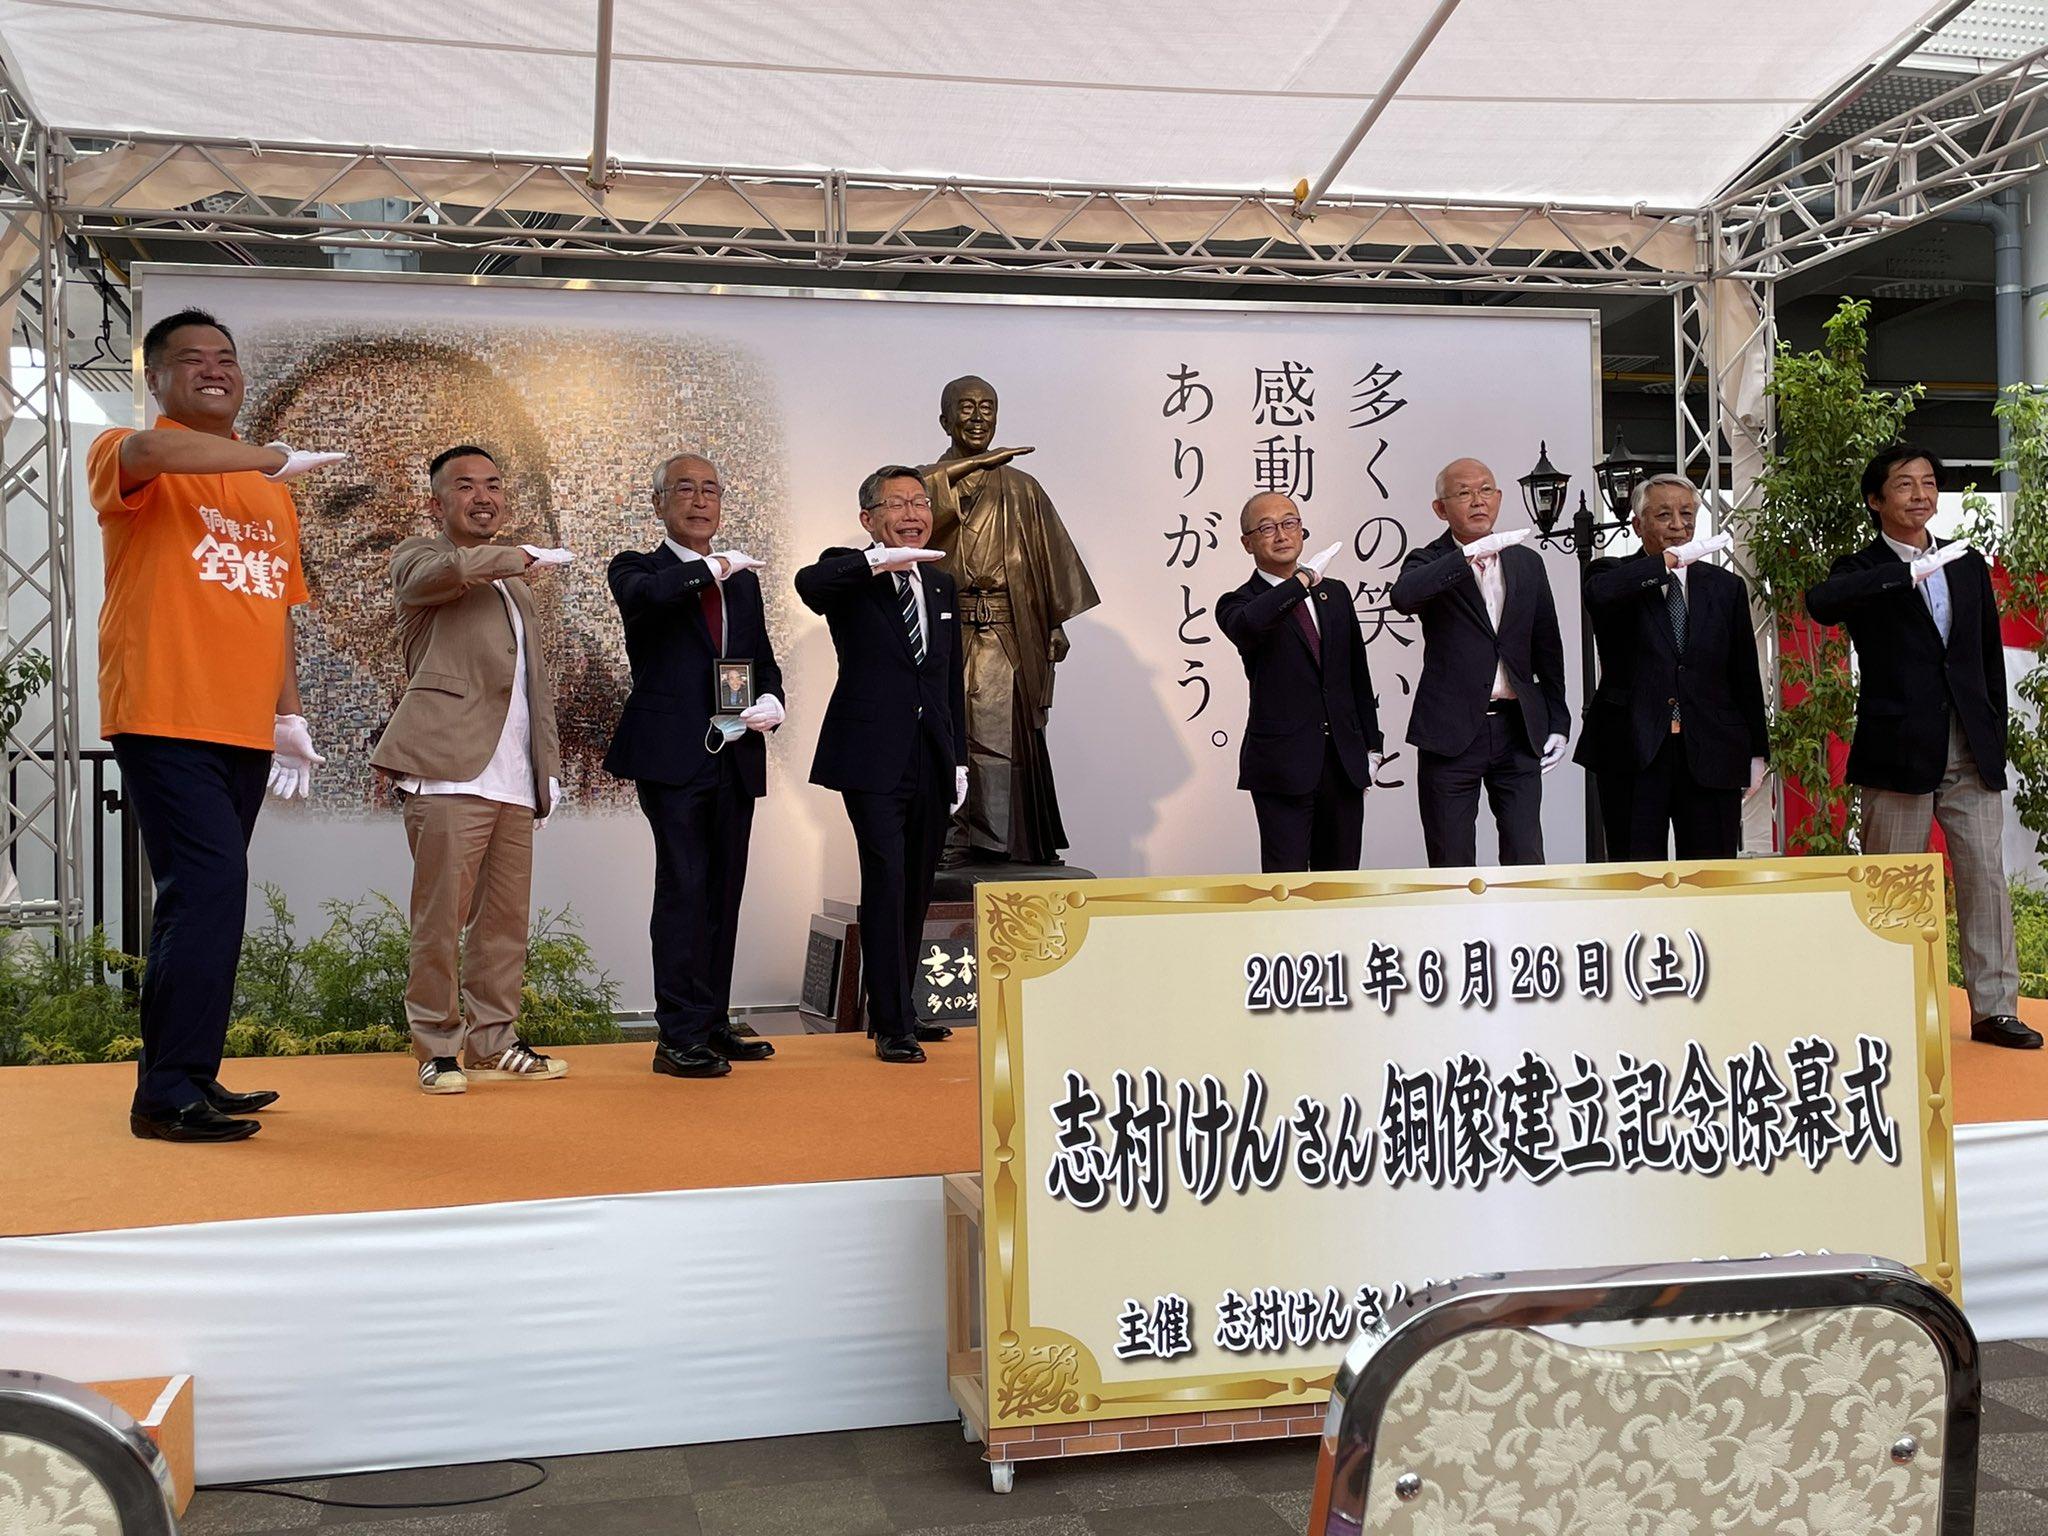 【速報】志村けんの銅像、お披露目